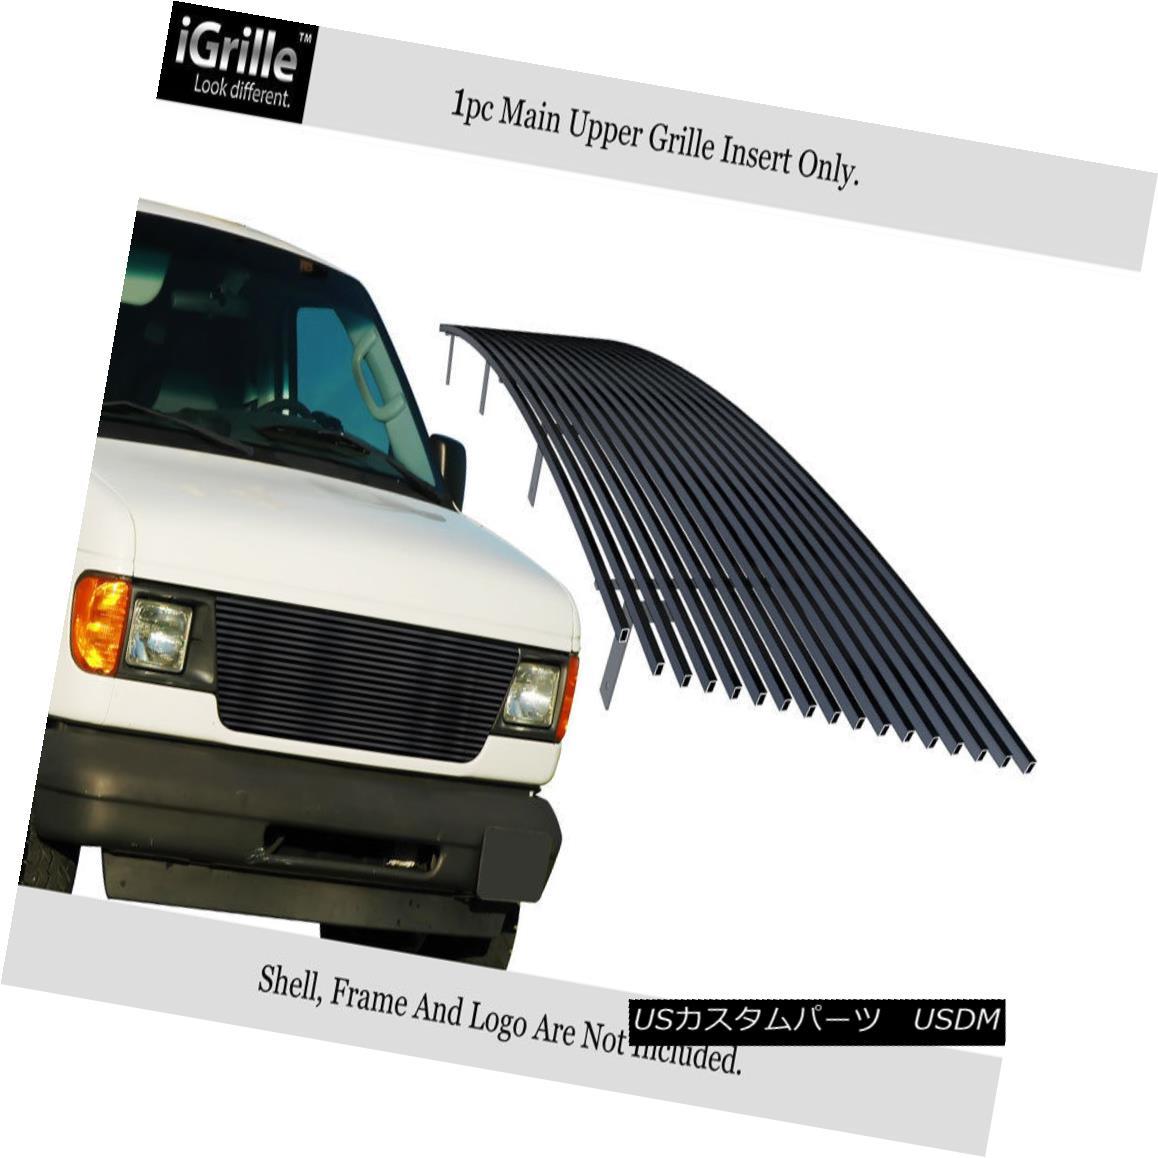 グリル For 92-06 Ford Econoline Van Black Stainless Steel Billet Grille Insert 92-06 For Ford Econolineヴァンブラックステンレス鋼ビレットグリルインサート